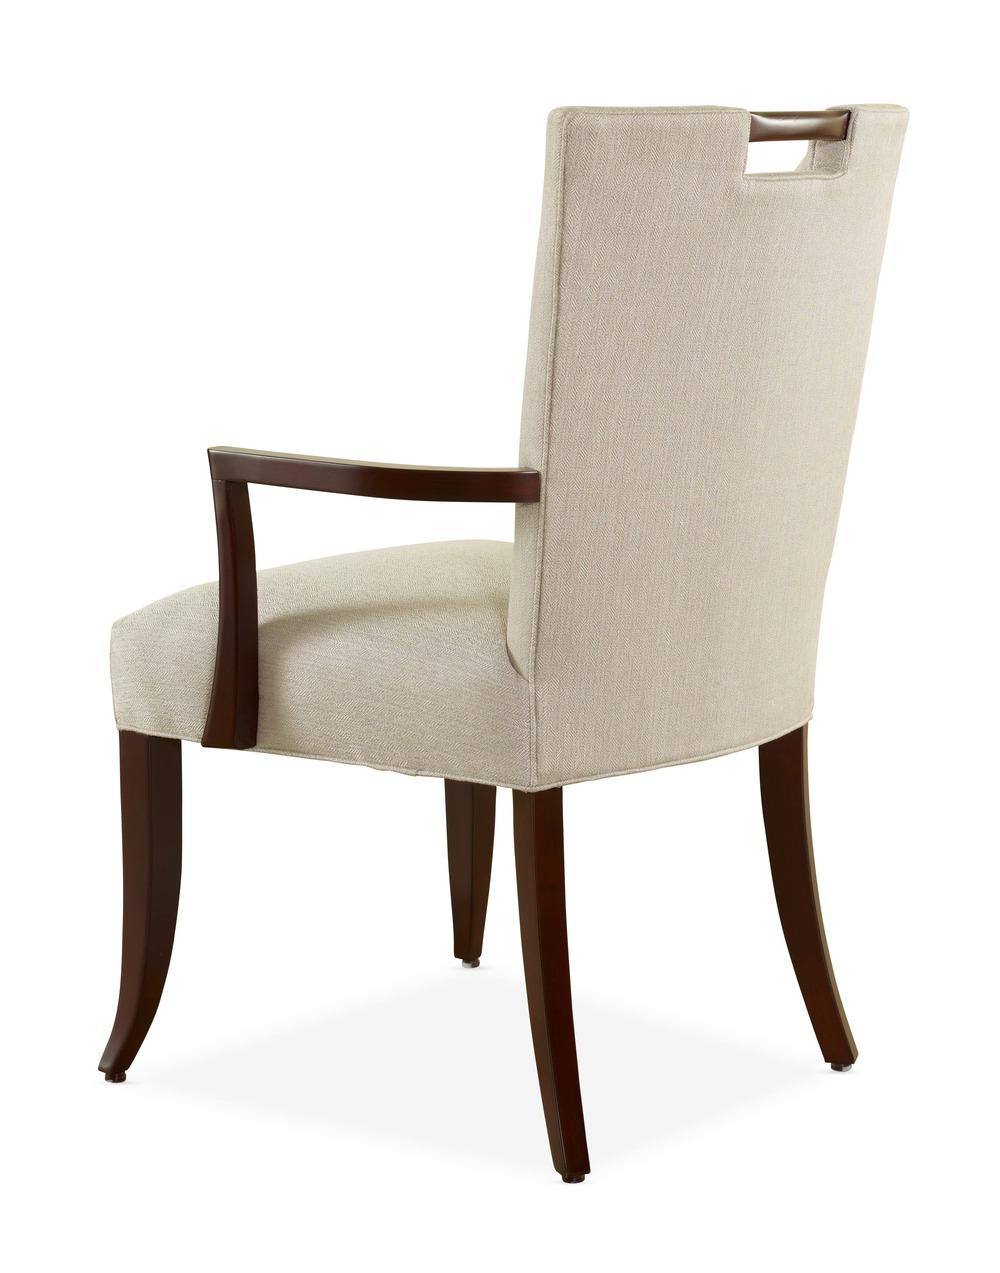 Designmaster Furniture - Darby Arm Chair